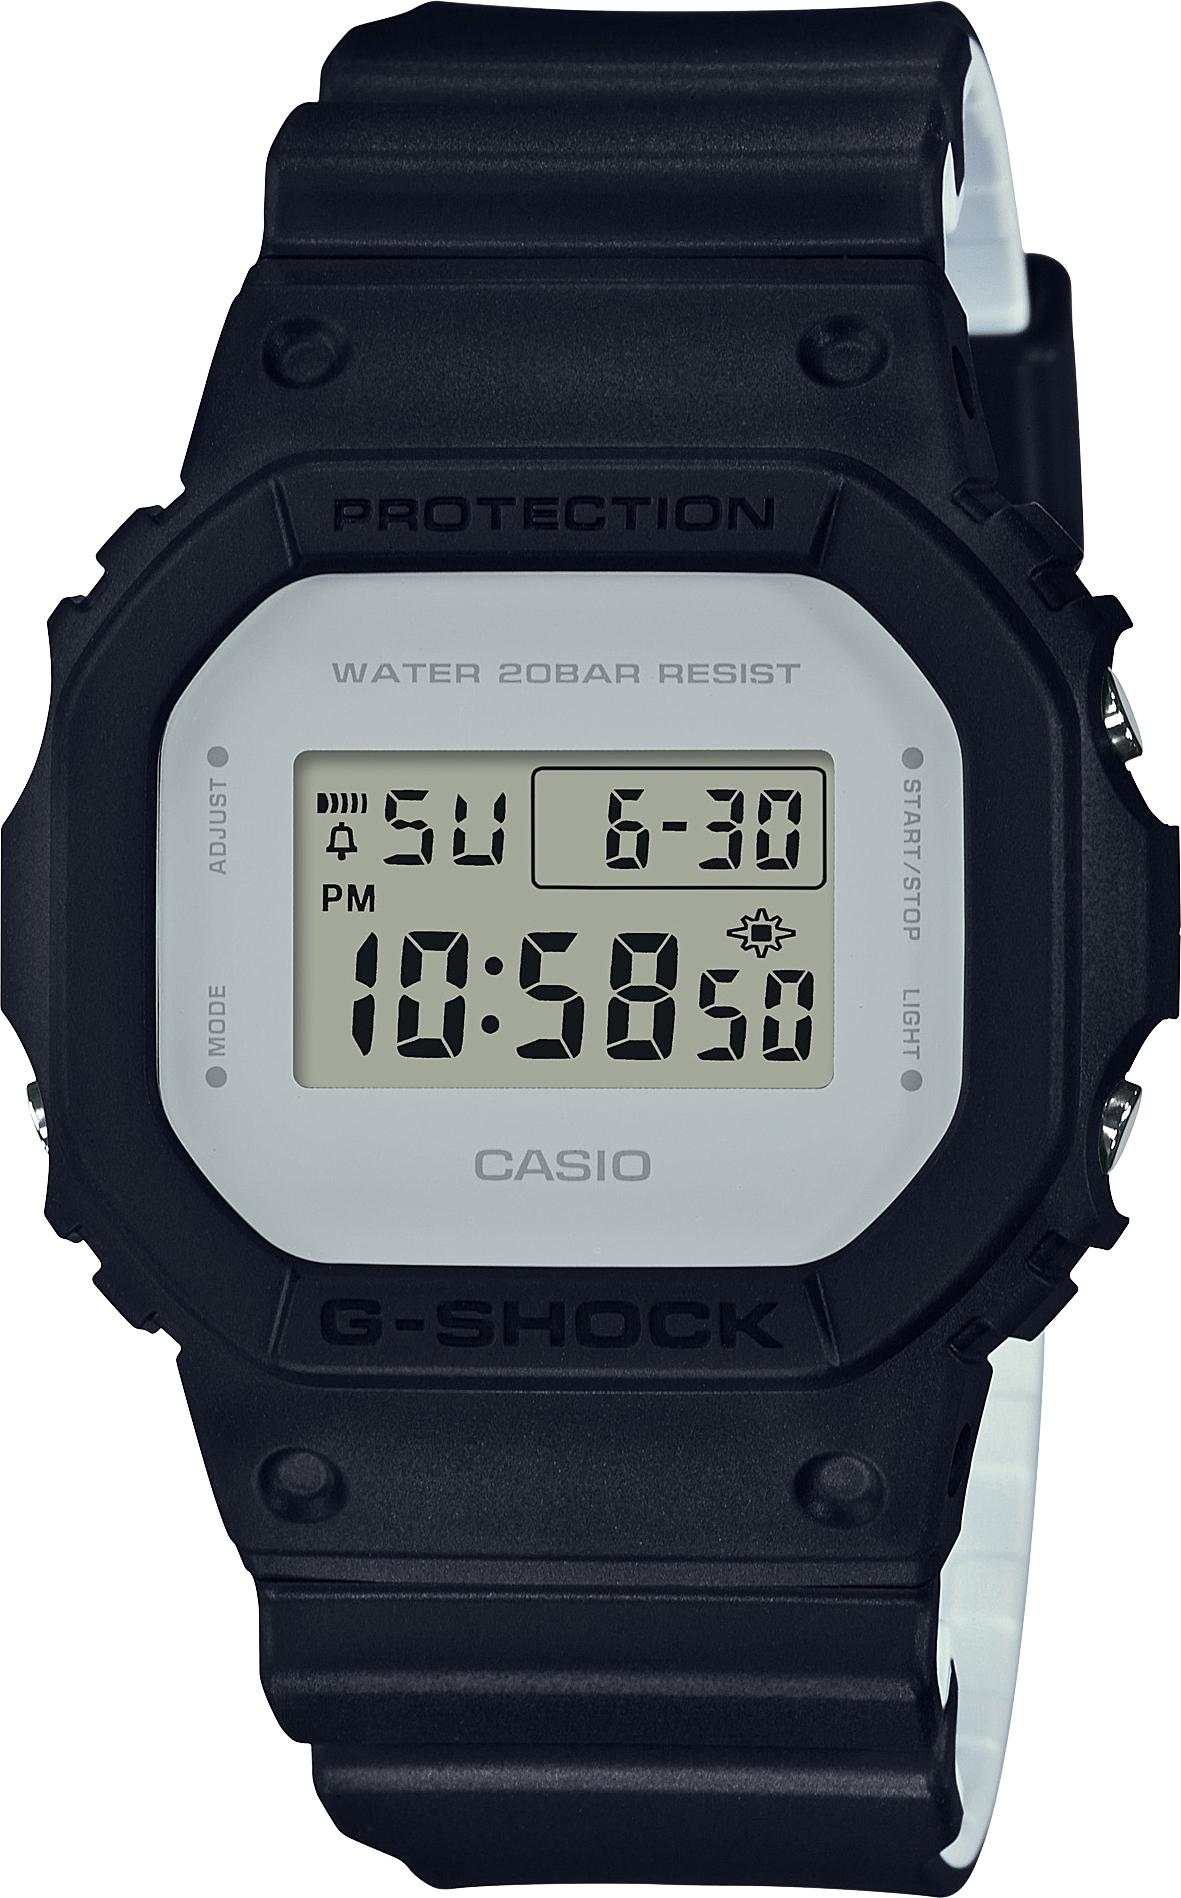 Мужские часы Casio G-Shock DW-5600LCU-1ER